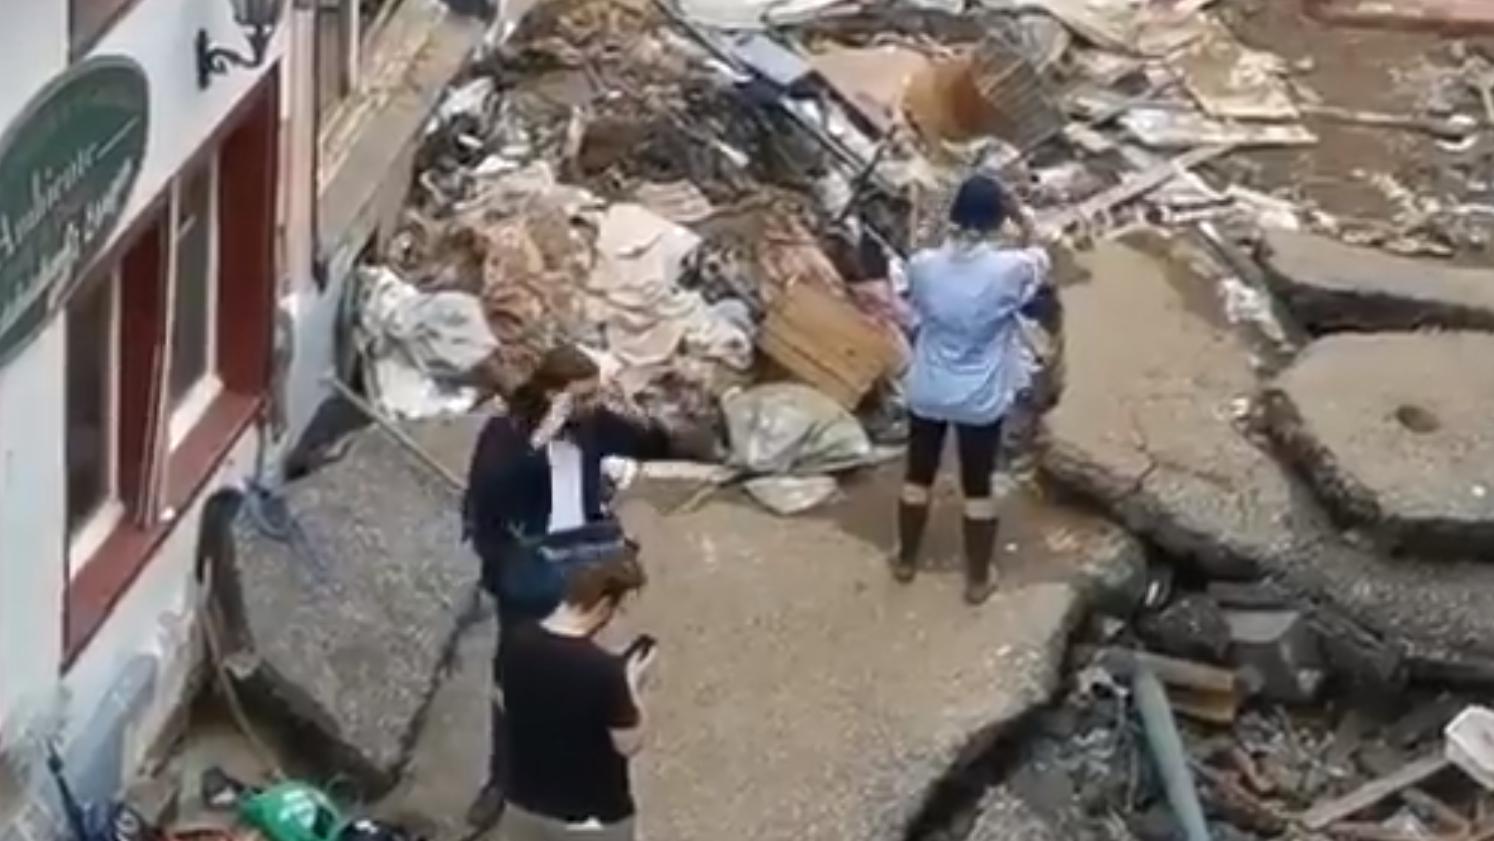 Videoaufnahmen zeigen, wie sich die Moderatorin Gesicht und Arme mit Schlamm beschmiert.